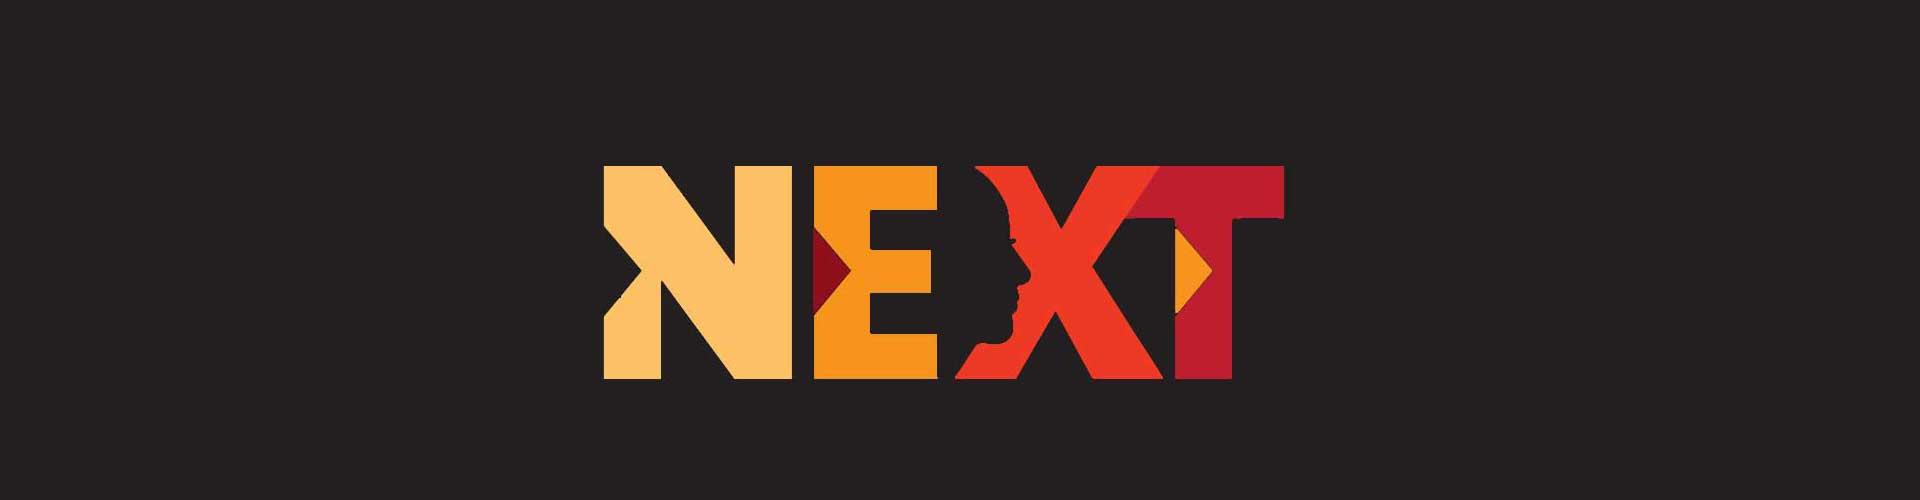 TEDxGreensboro 2021 - NEXT